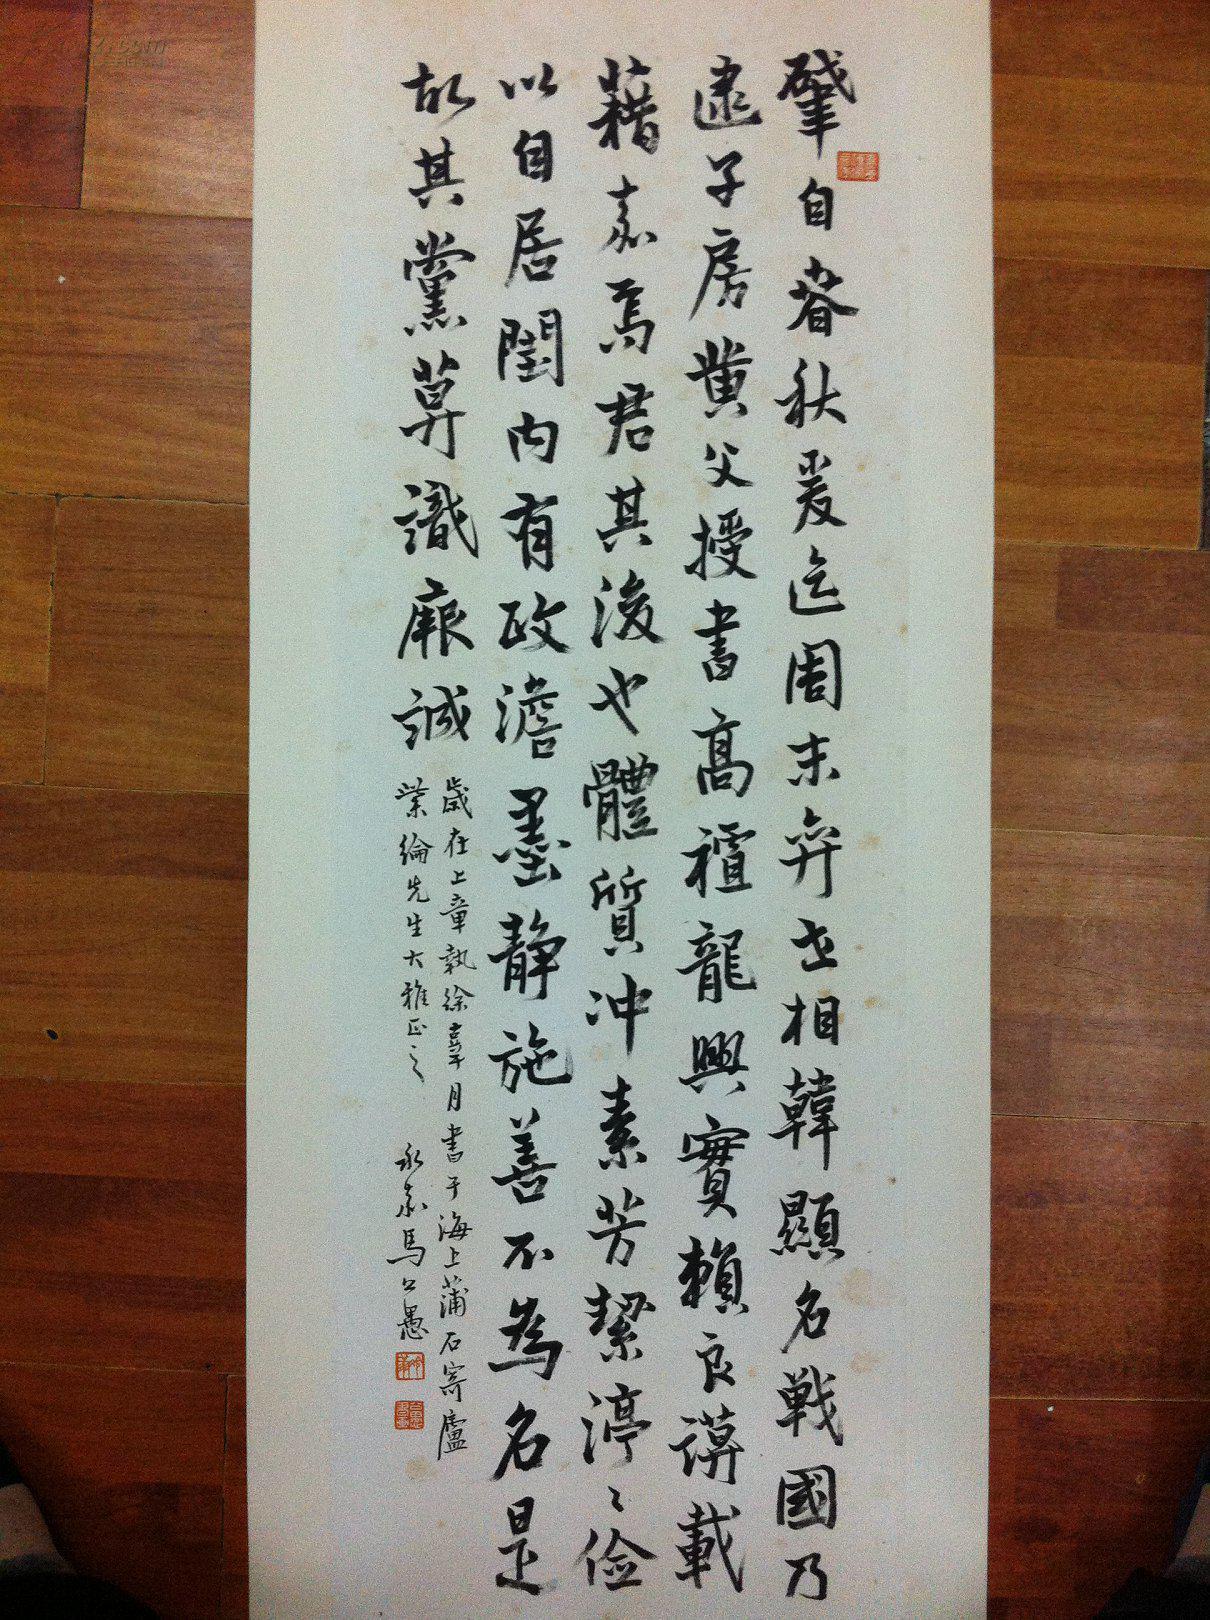 名人字画:(中国著名书法家)马公愚(书画传家二百年)马公愚原装旧裱图片